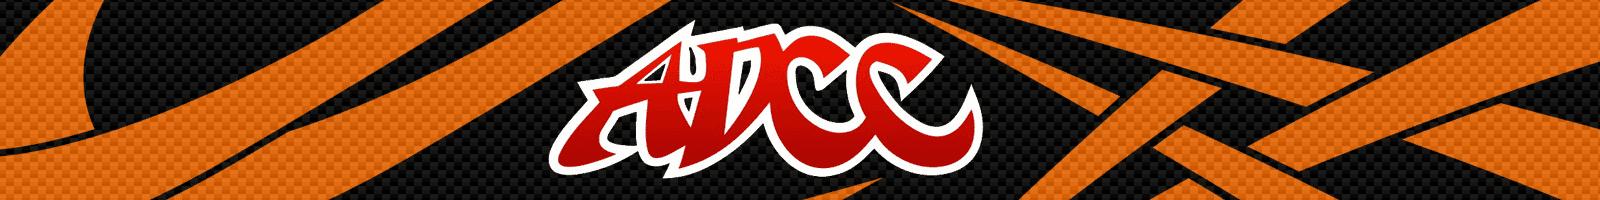 ADCC NEWS